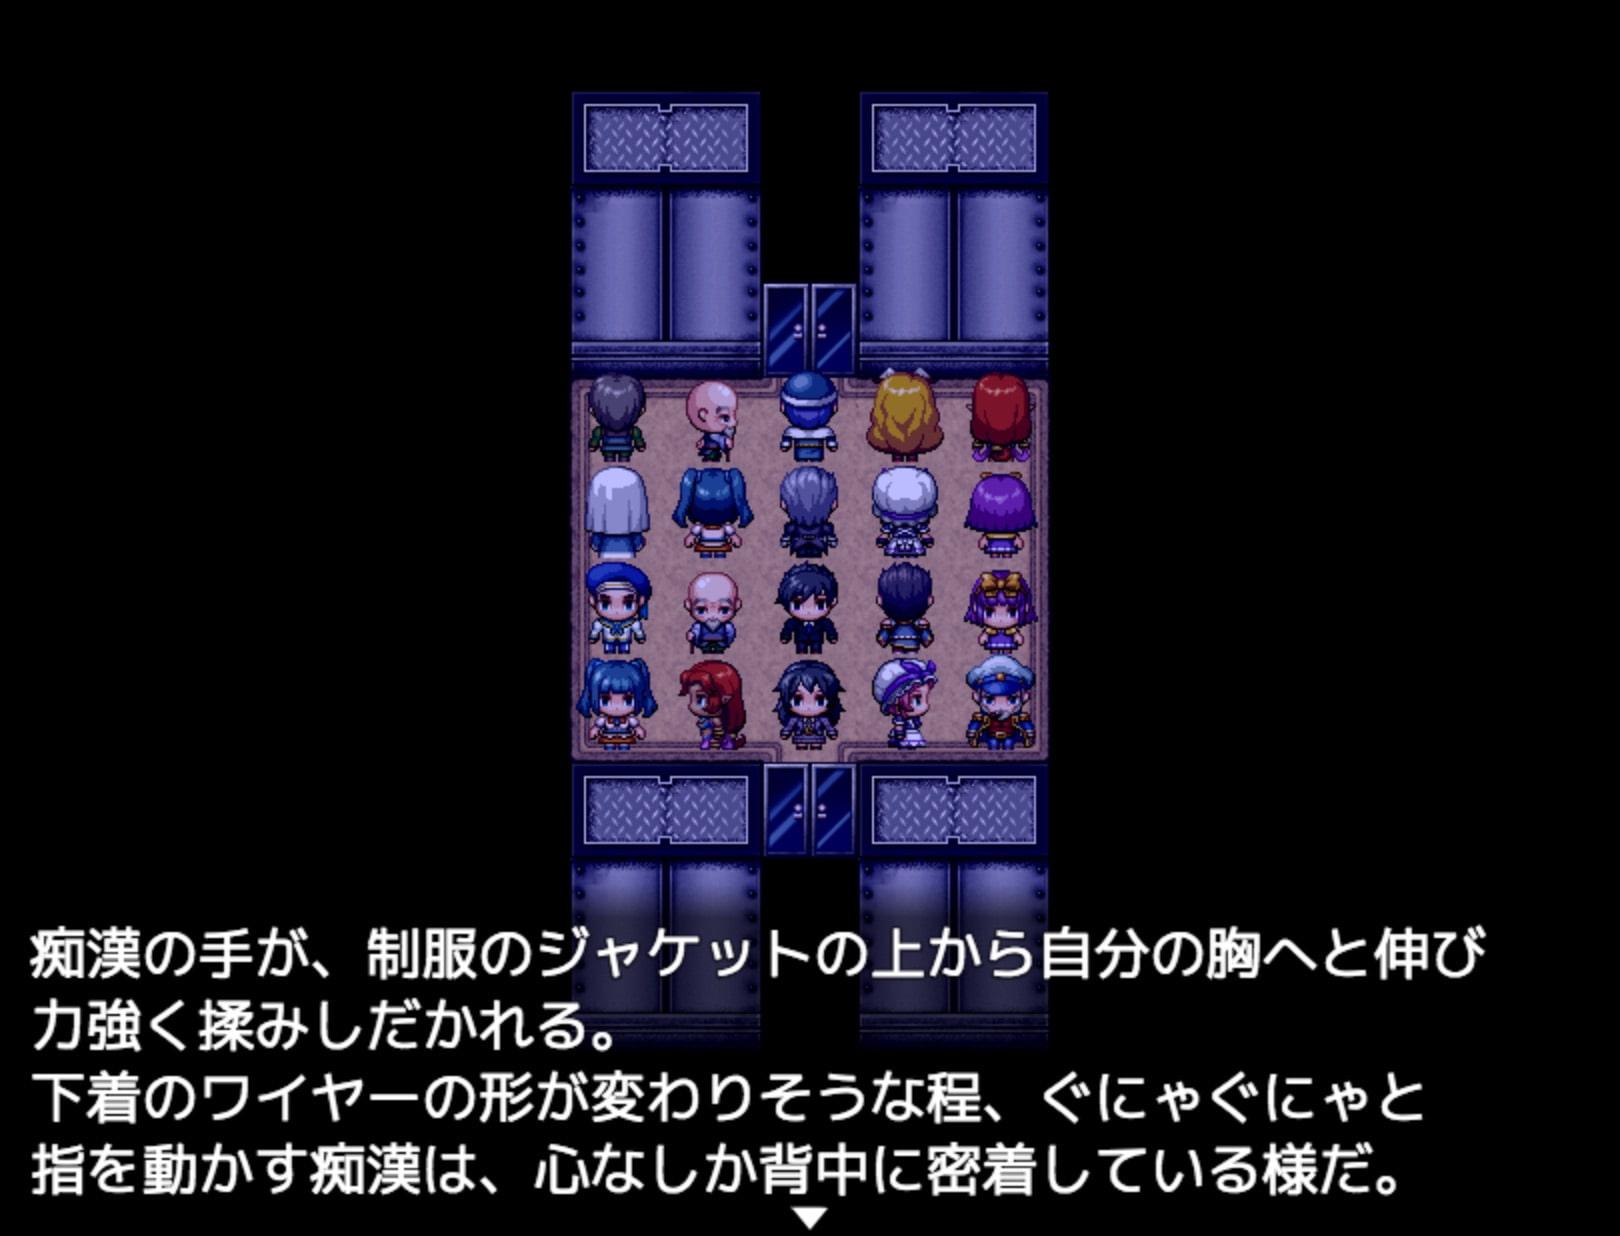 満員電車と可愛い女の子〜強姦編(上)